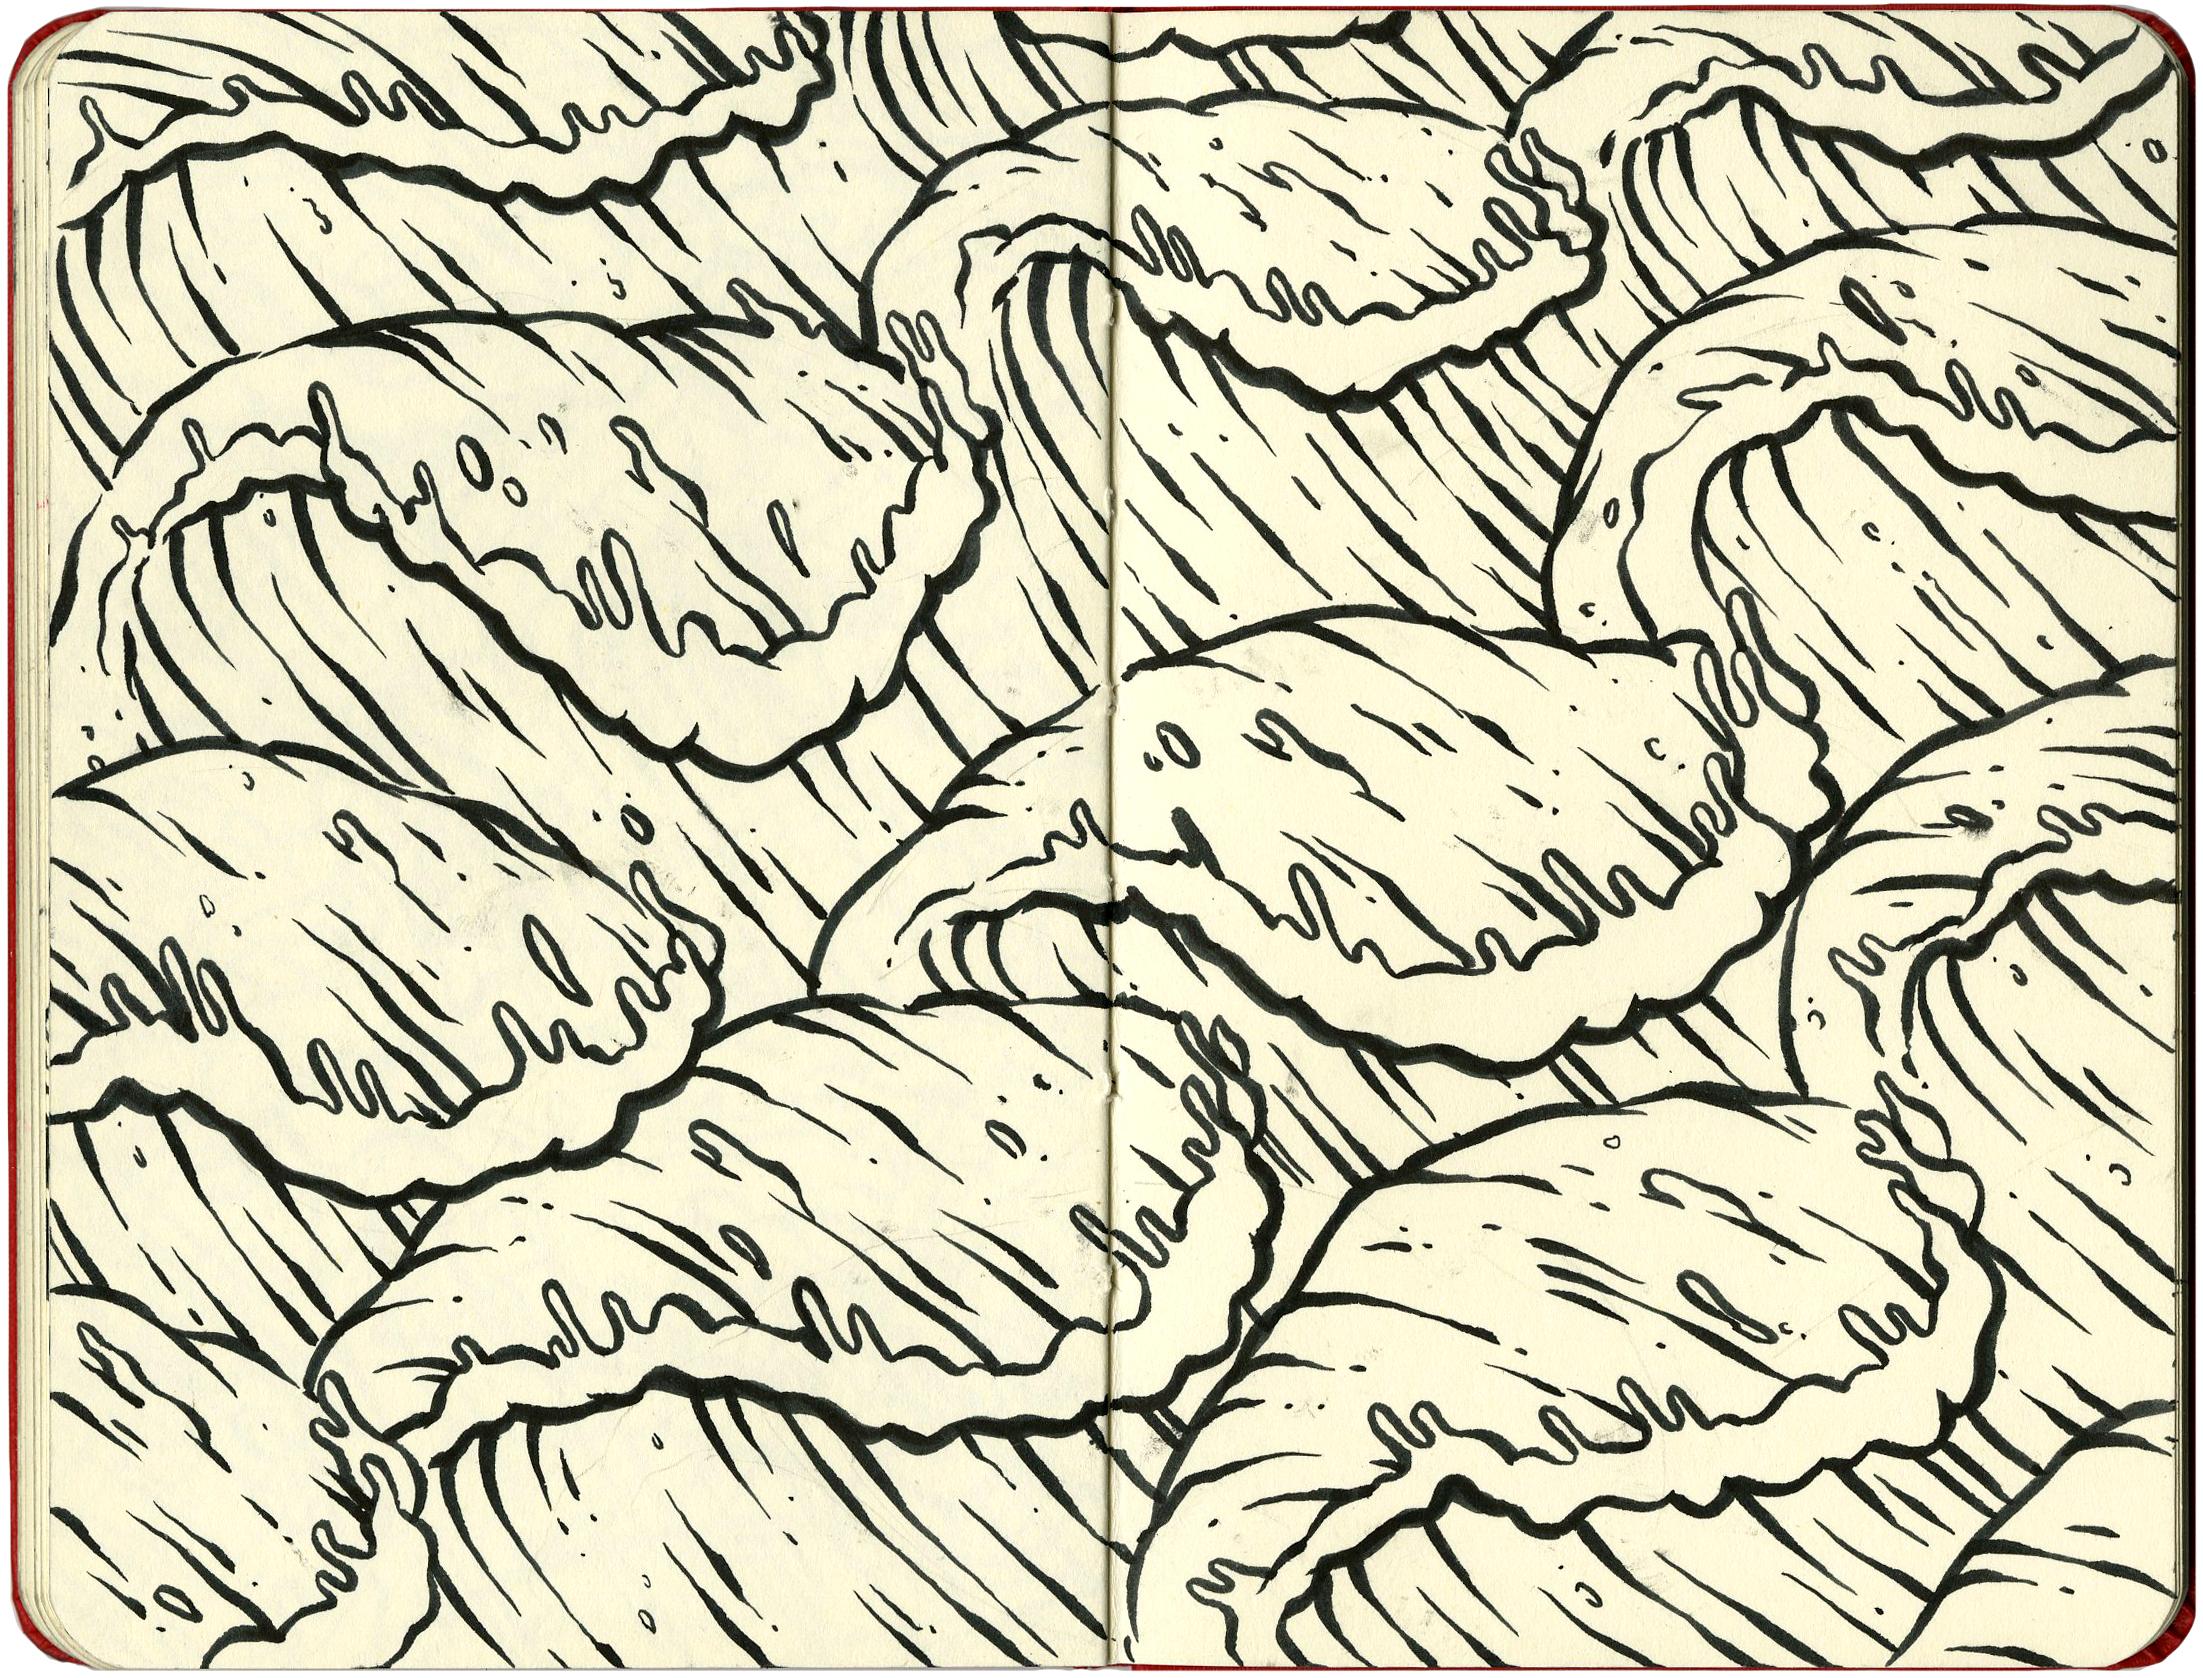 sketchbookwaves.jpg